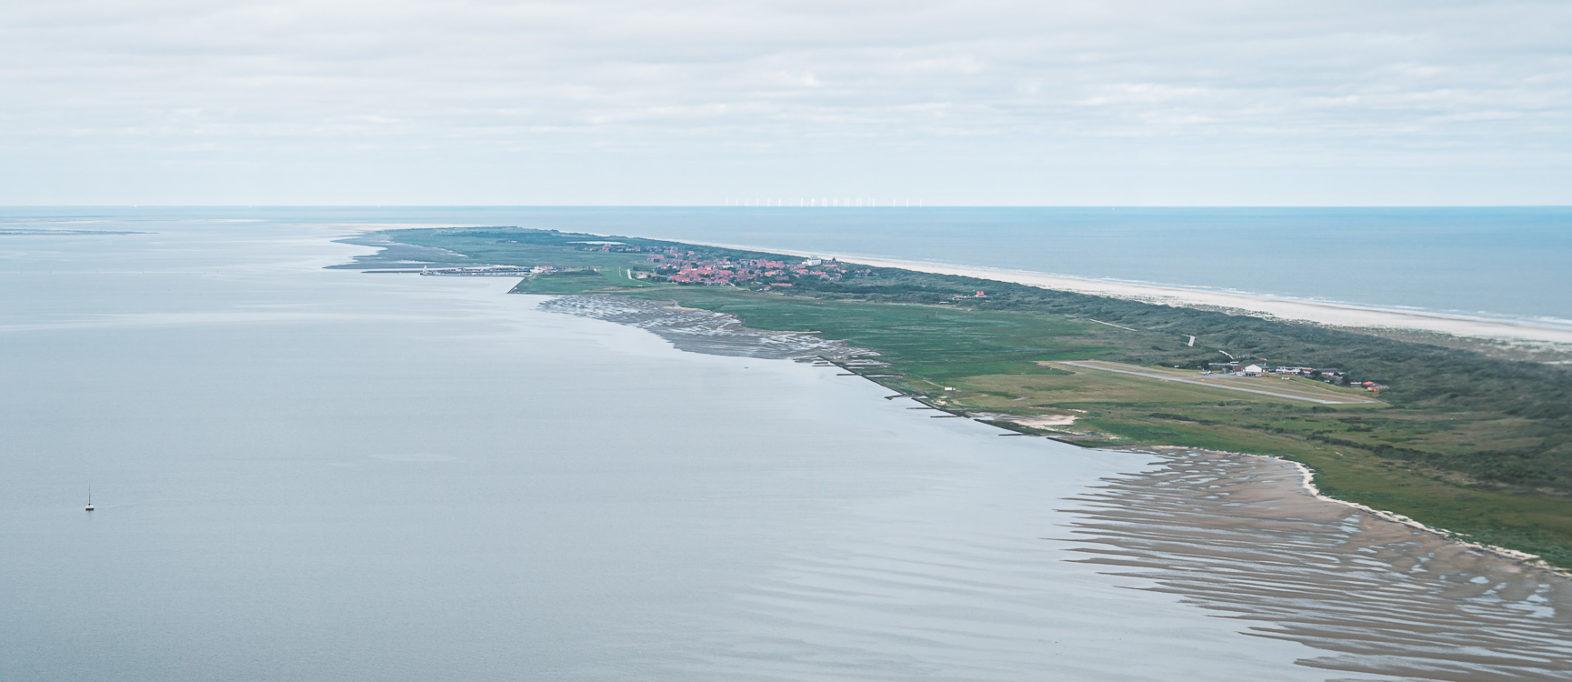 Nordsee Insel Juist von oben